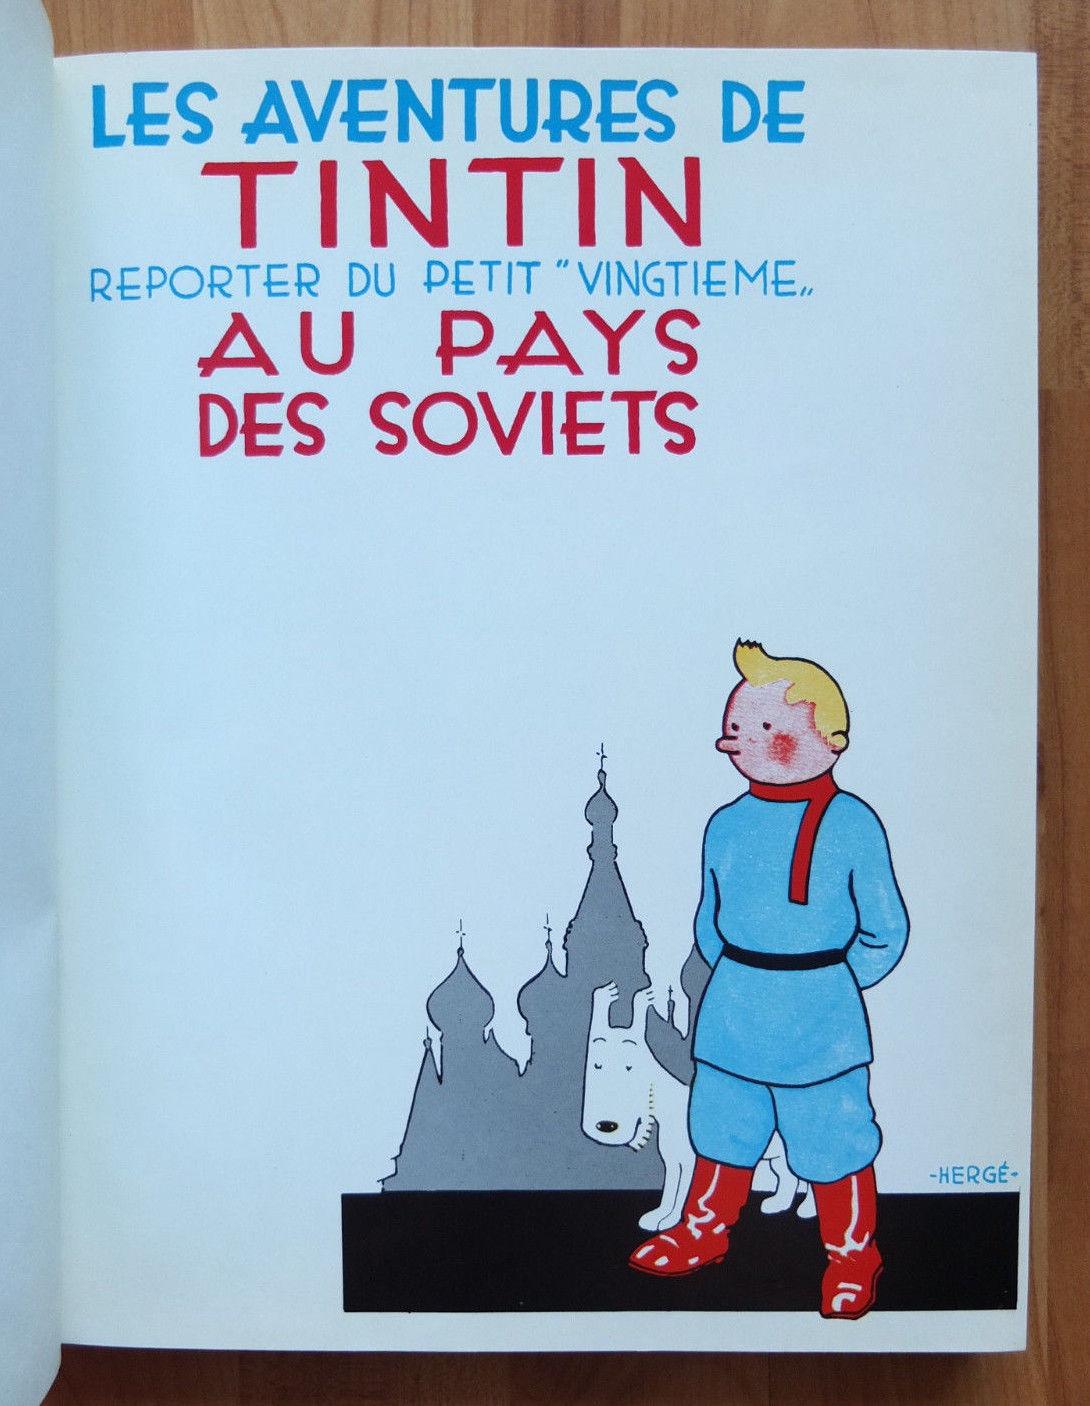 HERGÉ * TINTIN au pays des SOVIETS * ENVOI d'Hergé - tirage unique 500 ex. -